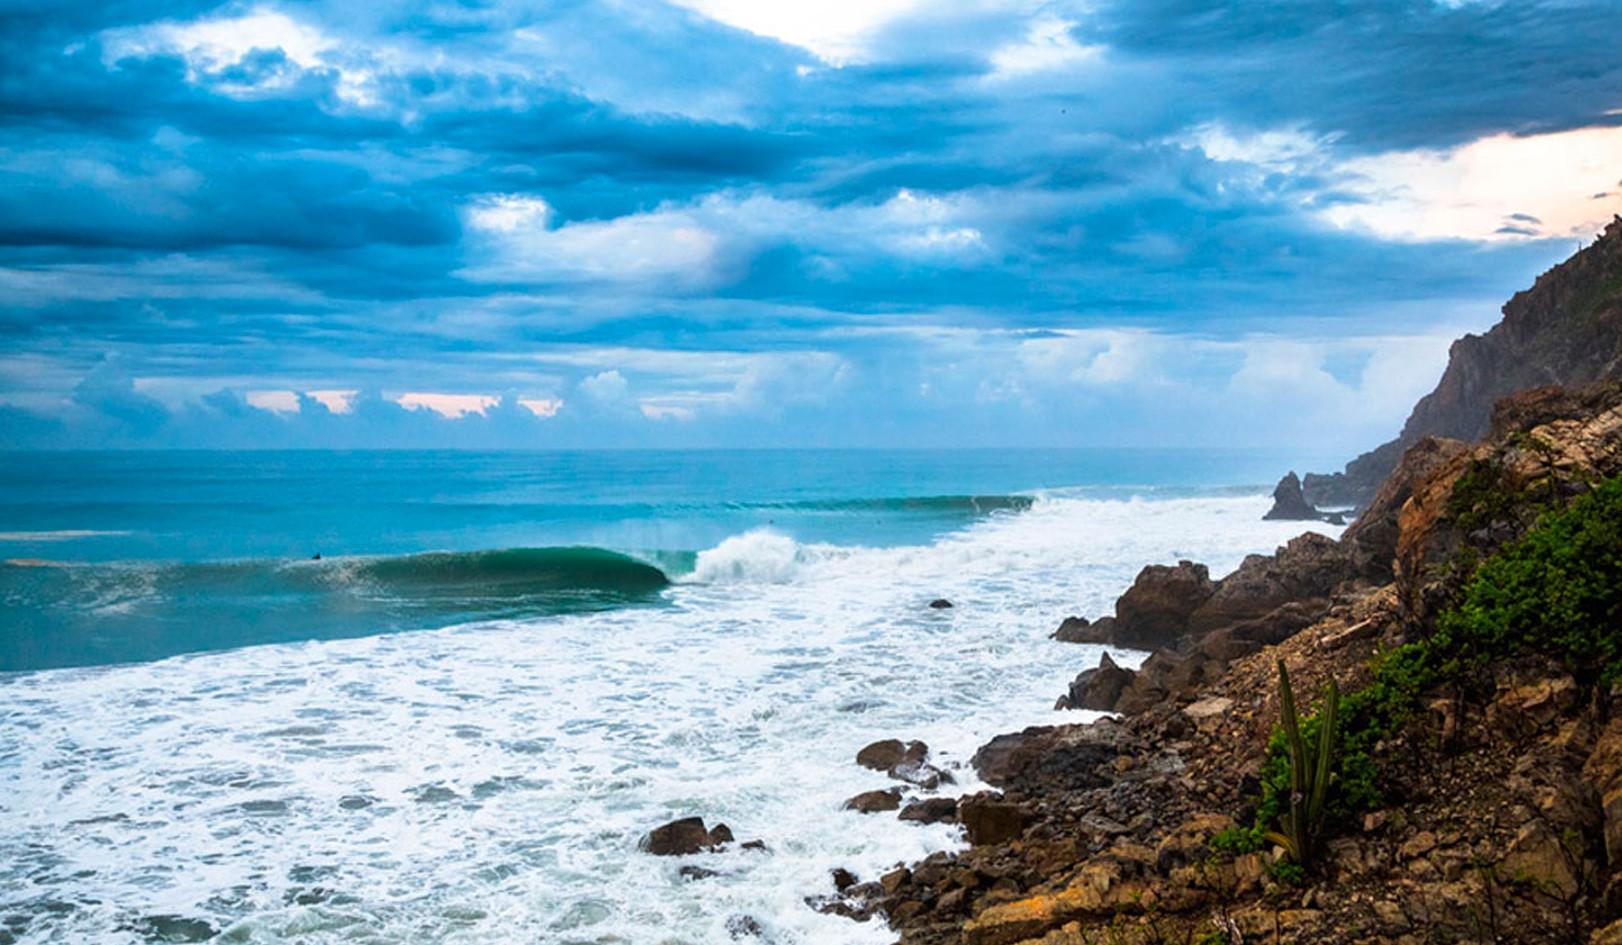 Salina Cruz Surf Camp beautiful days with epic waves